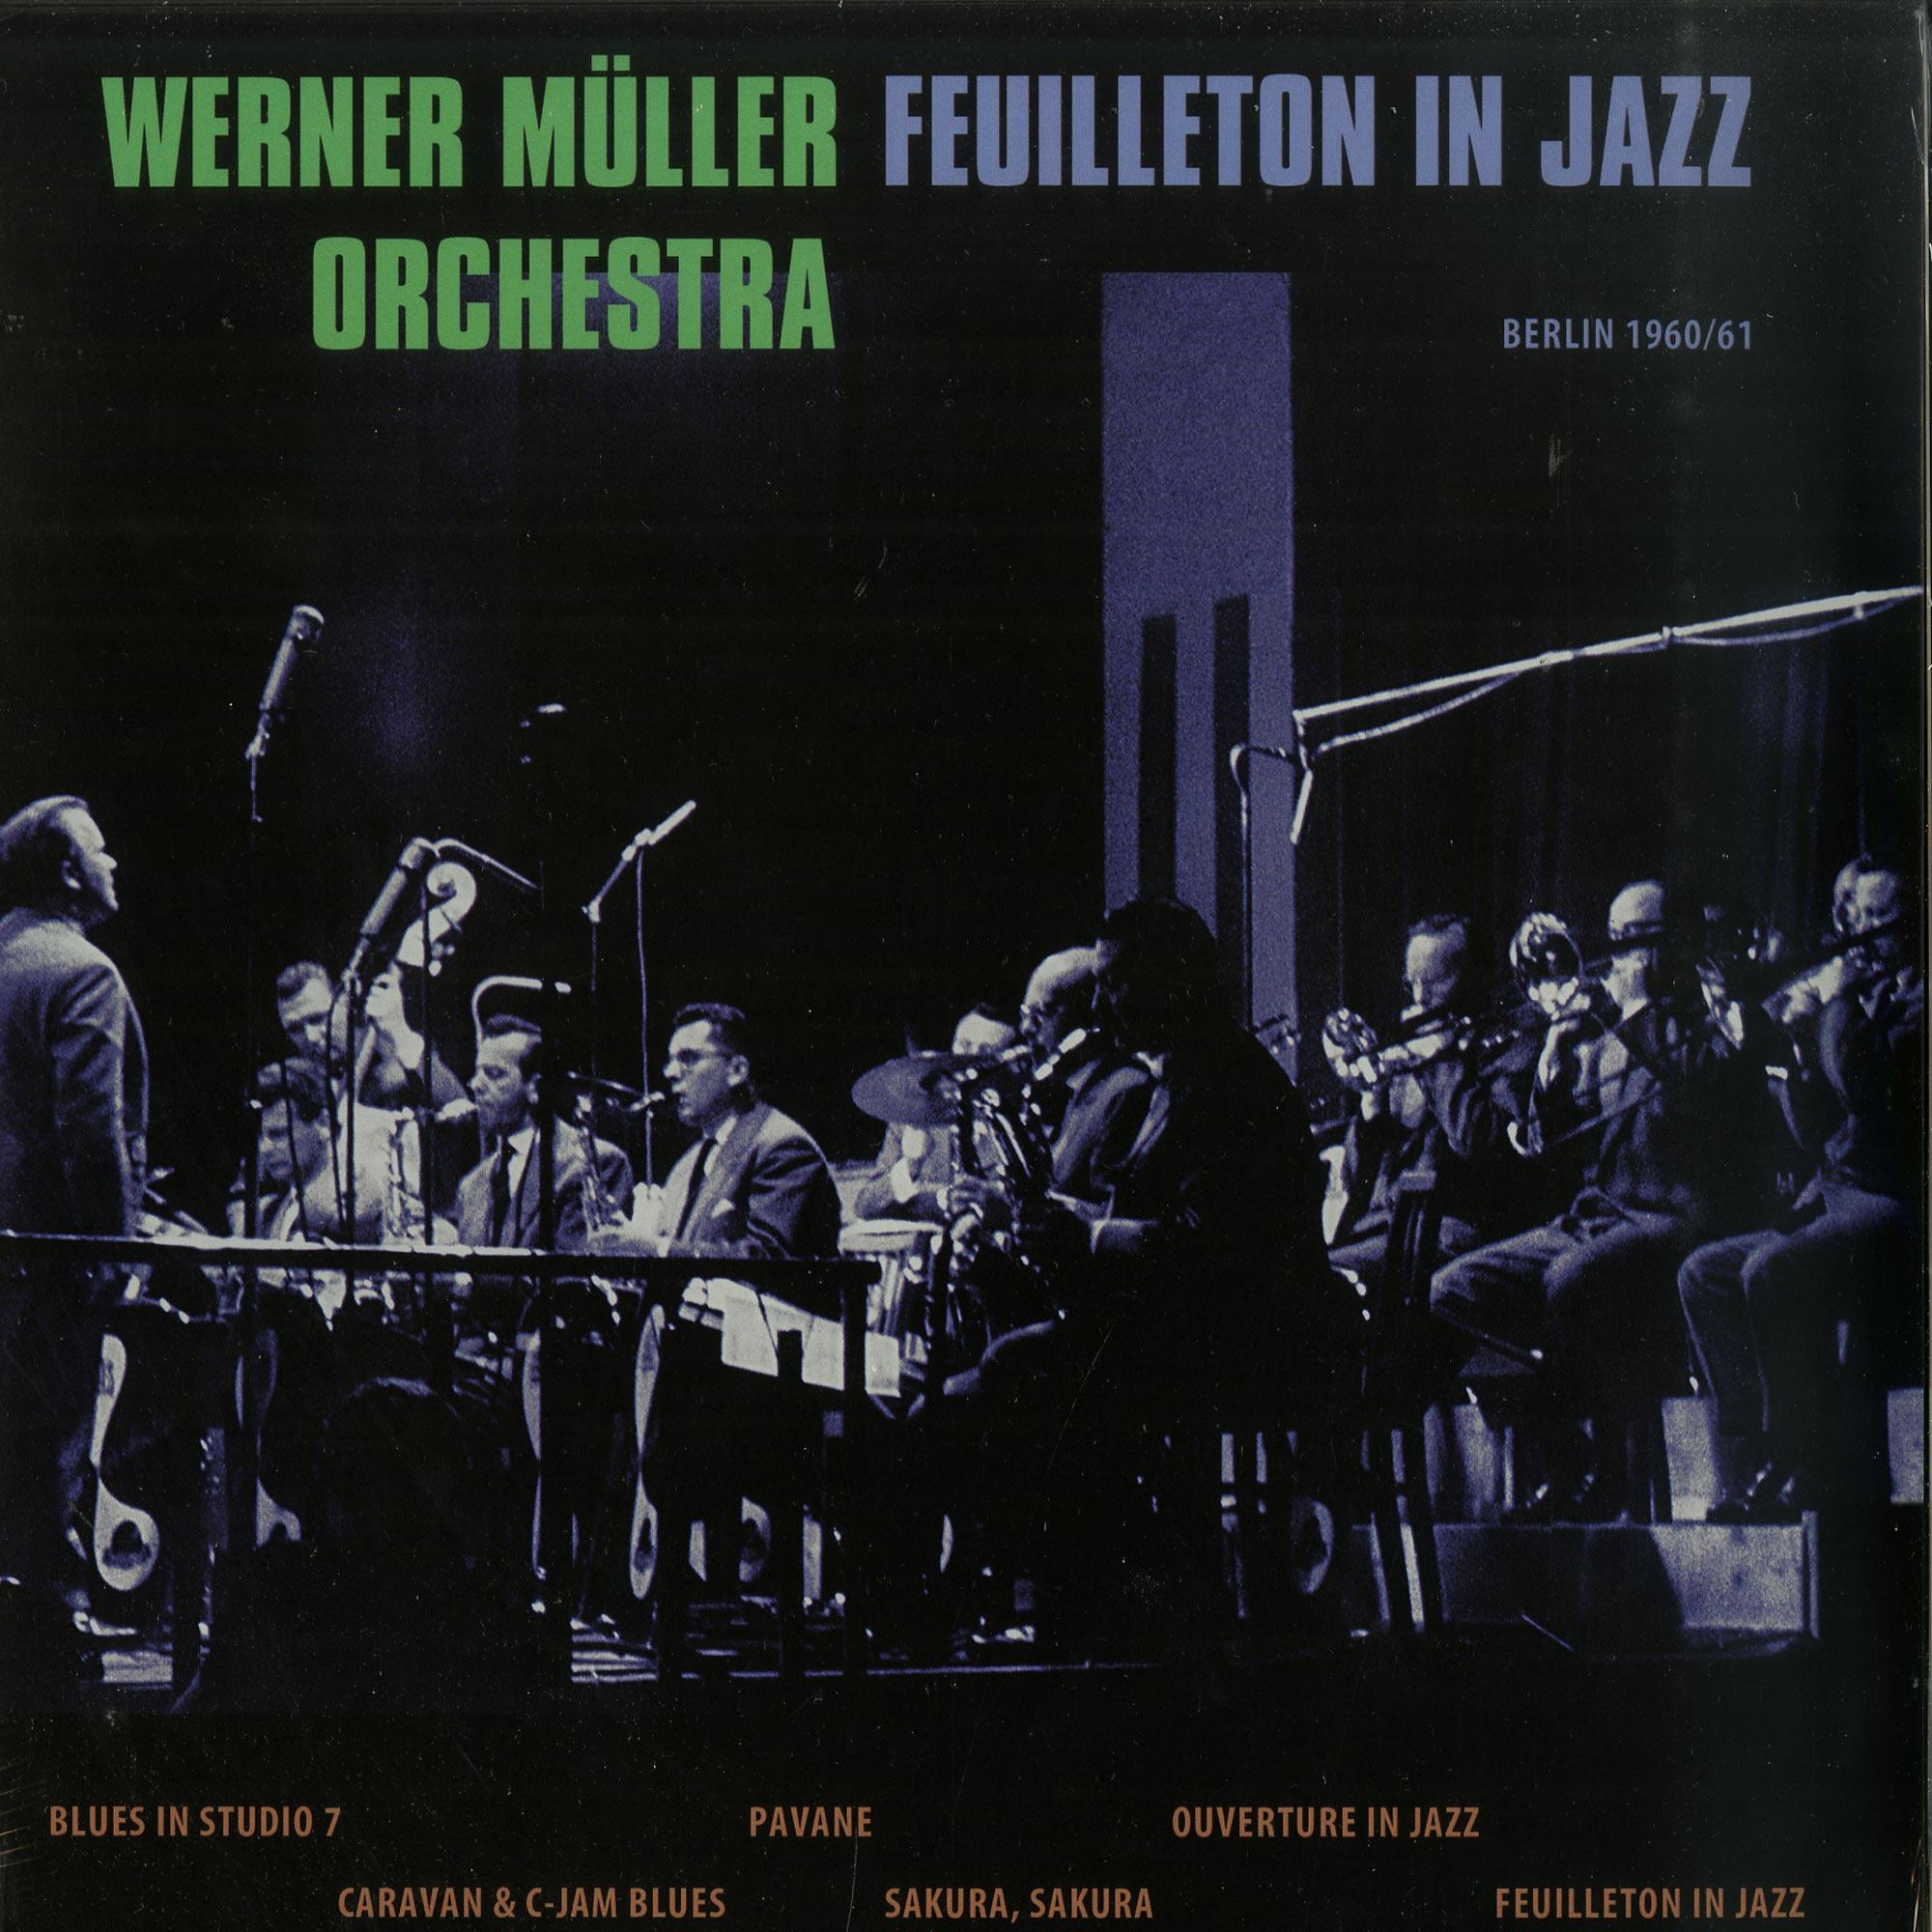 Werner Mueller Orchestra - FEUILLETON IN JAZZ